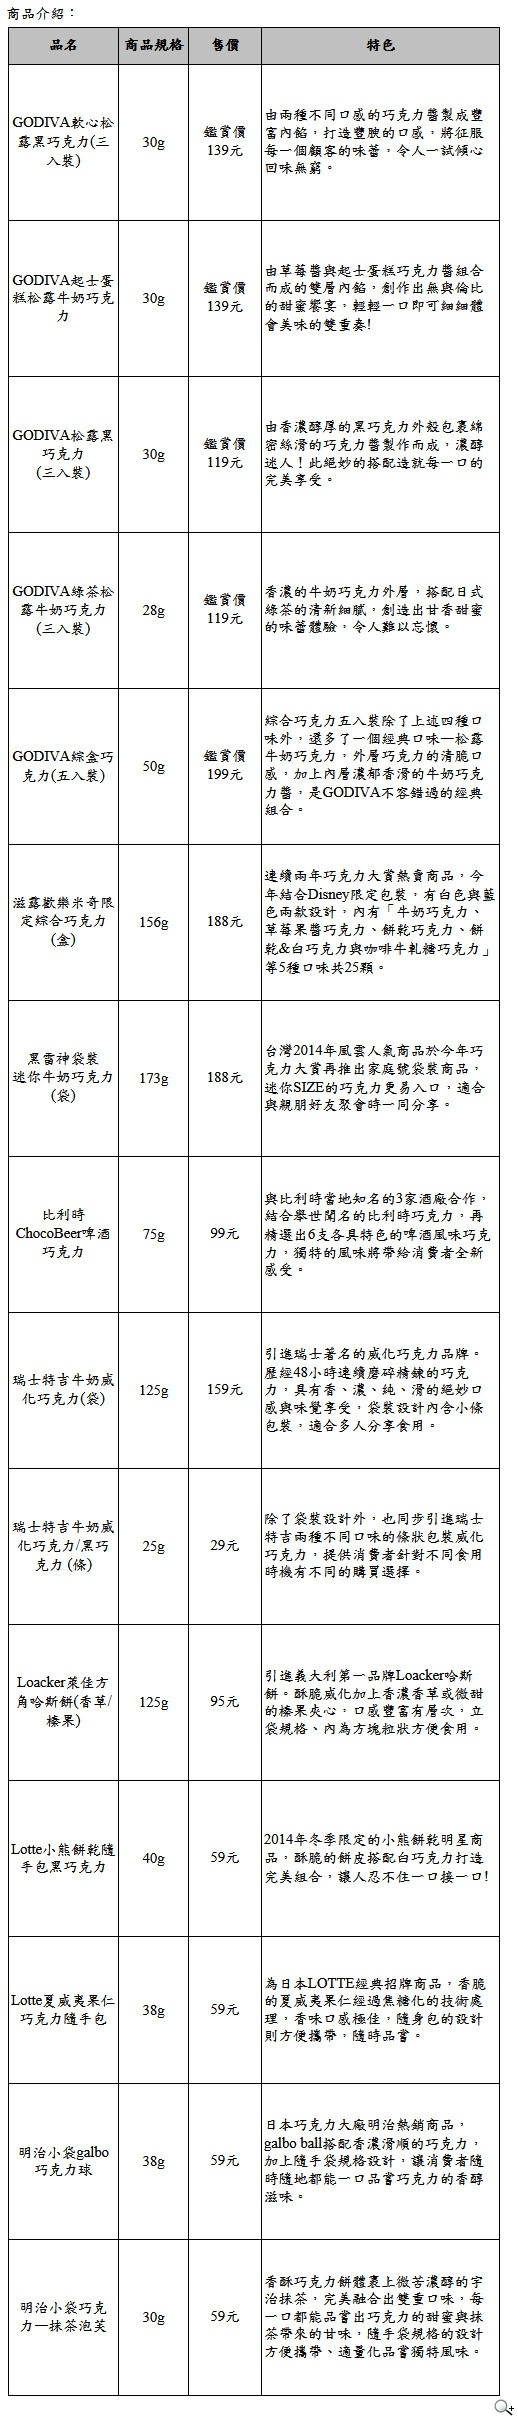 7-ELEVEN「世界巧克力大賞」九國人氣巧克力商品開賣